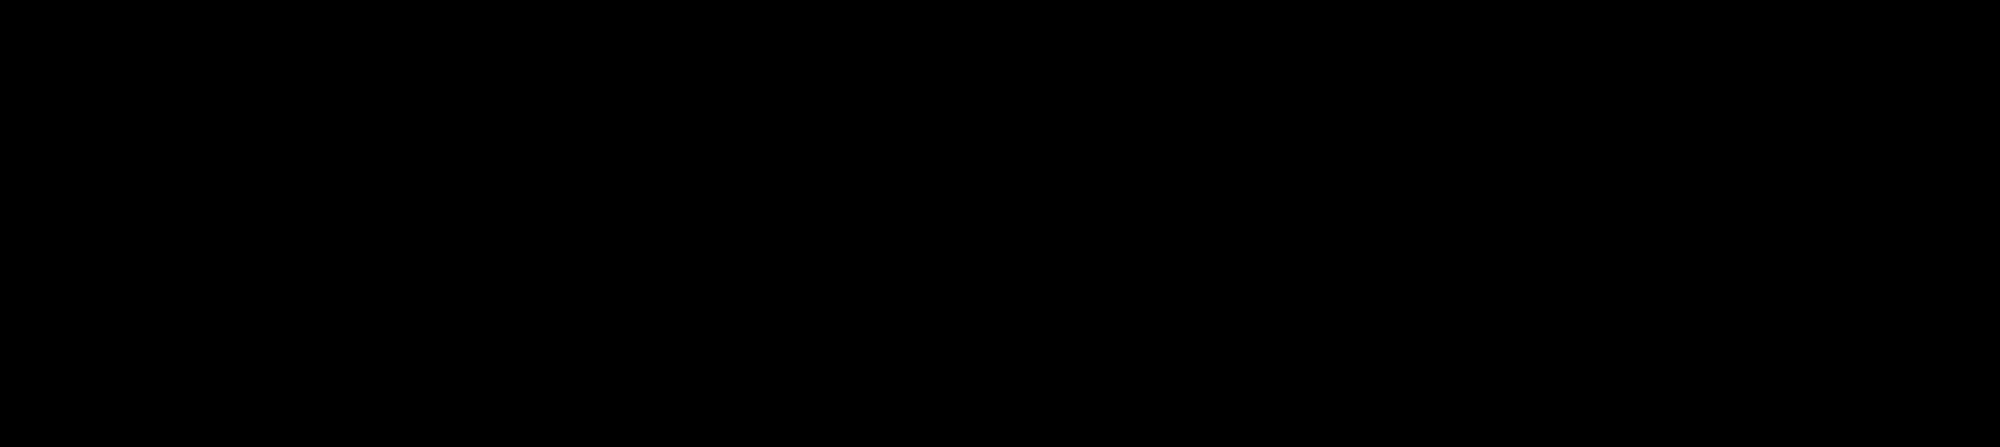 アントン・コービン 伝説のロック・フォトグラファーの光と影/Anton Corbijin Inside Out